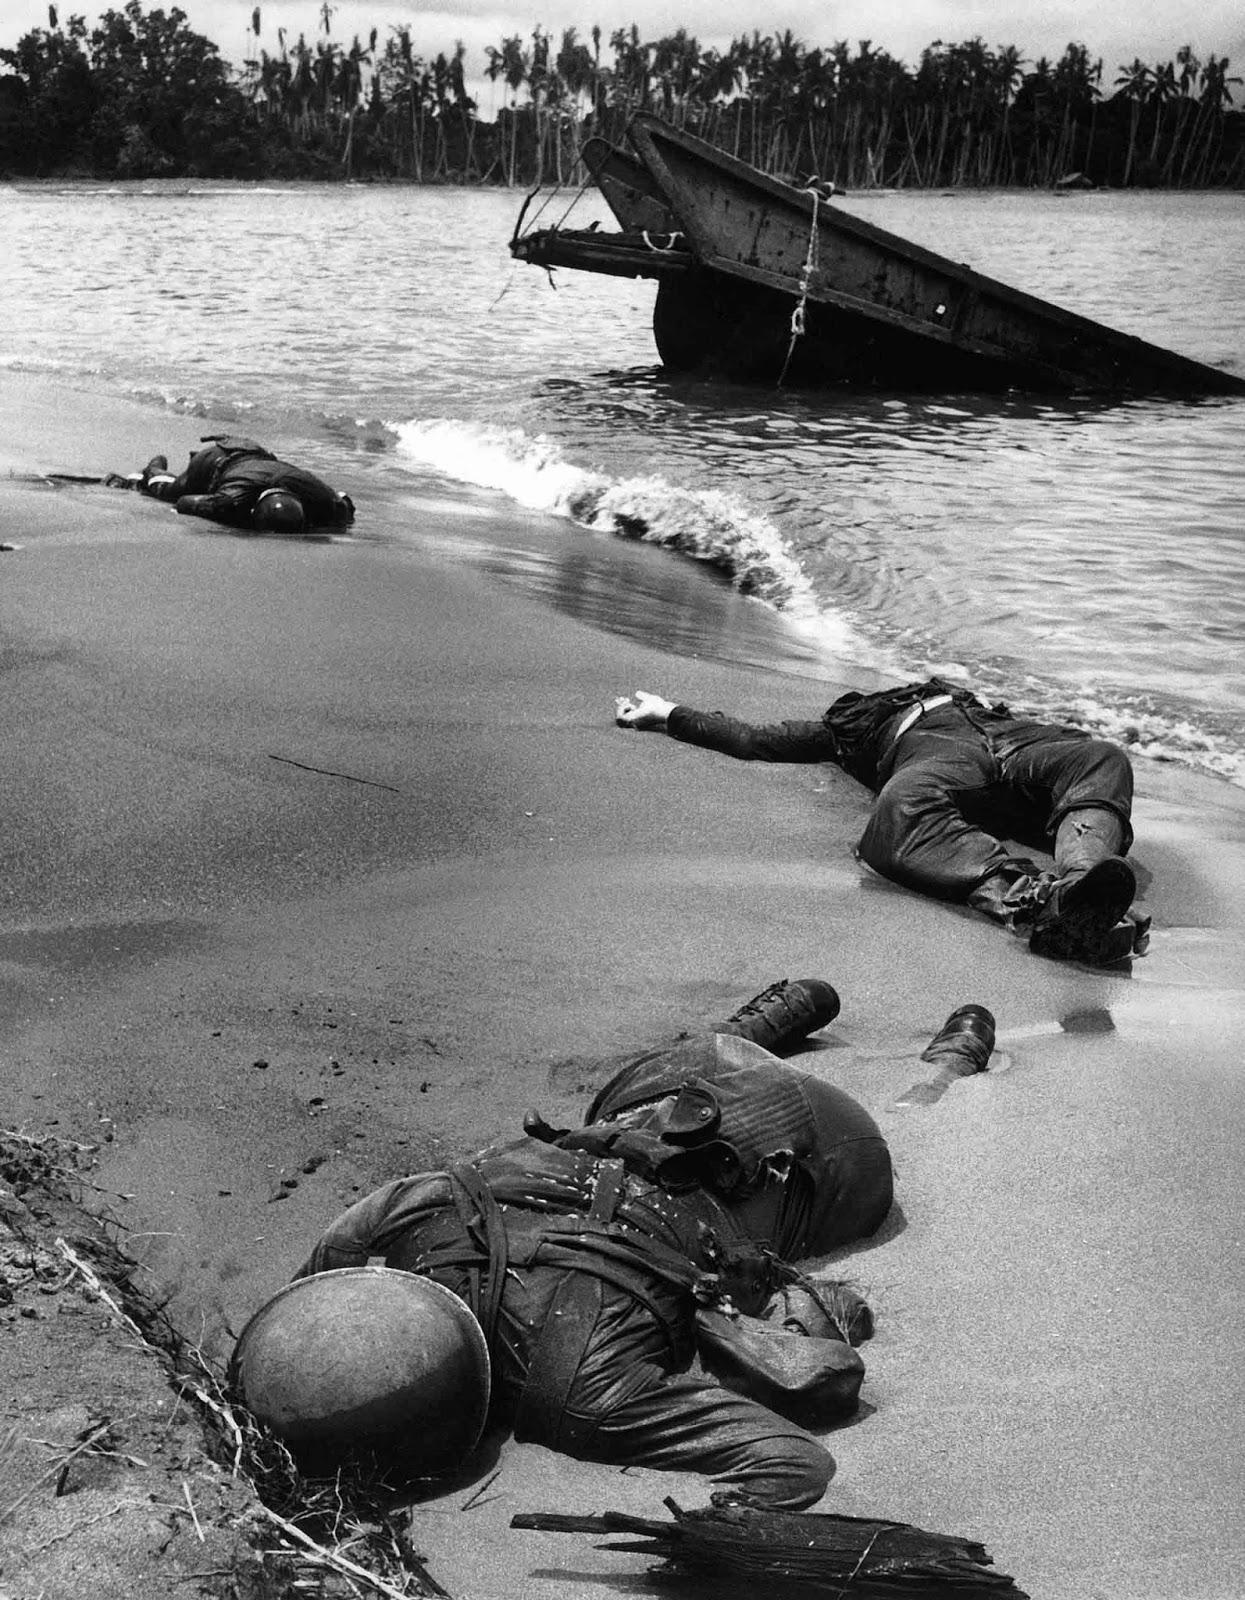 Tres estadounidenses muertos se encuentran en la playa de Buna, 1943